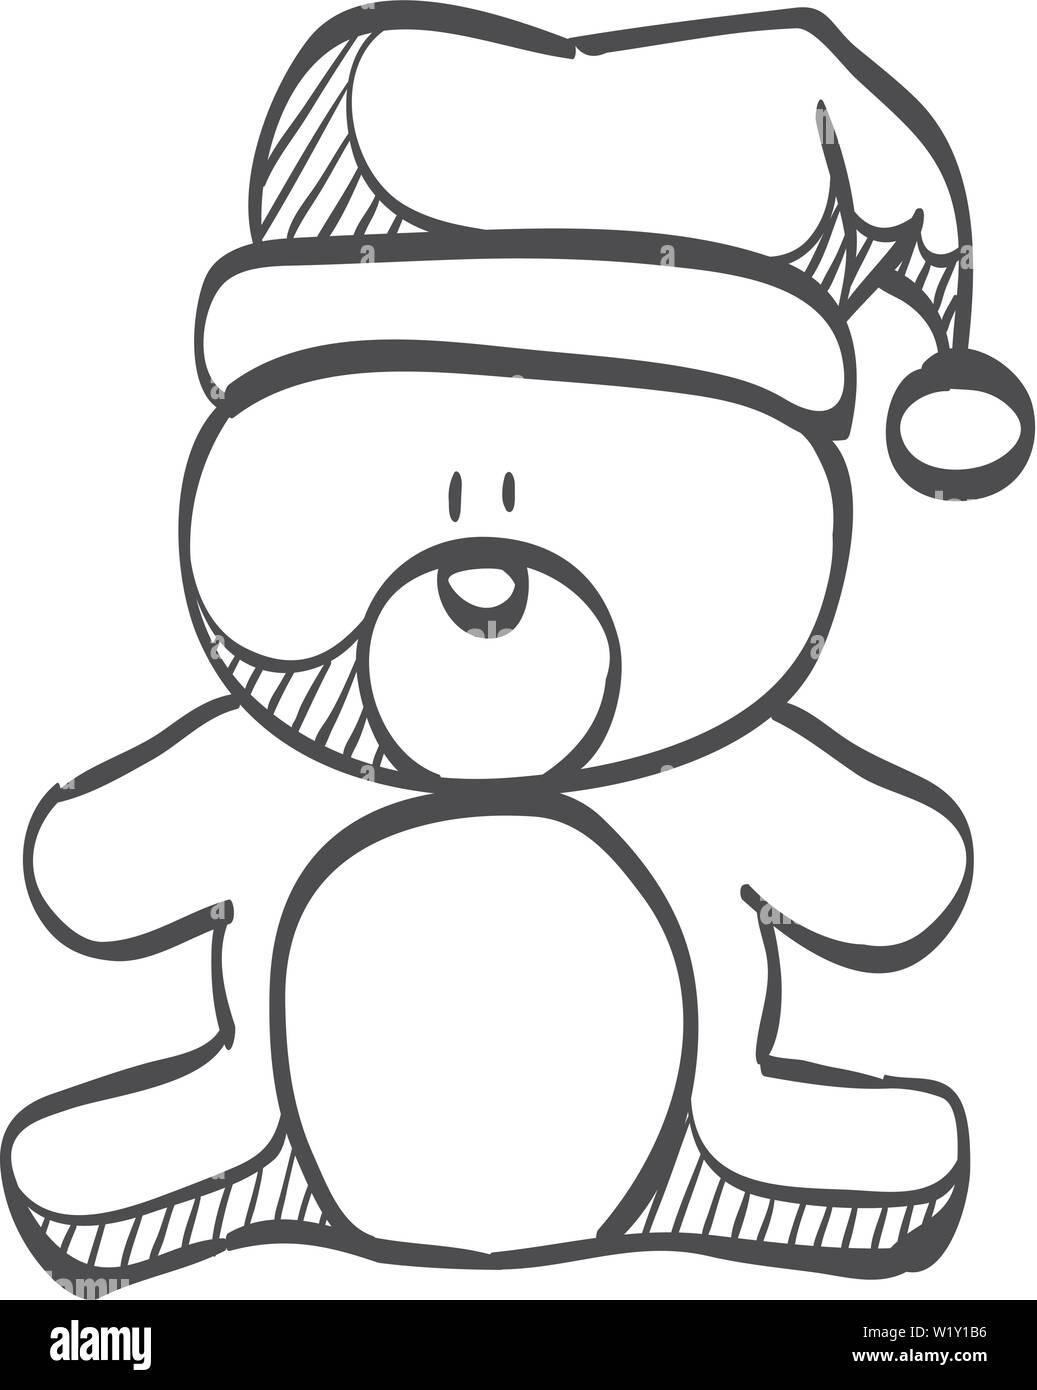 Doodle Weihnachtsfeier.Teddybär Symbol In Doodle Skizze Linien Weihnachtsfeier Geschenk